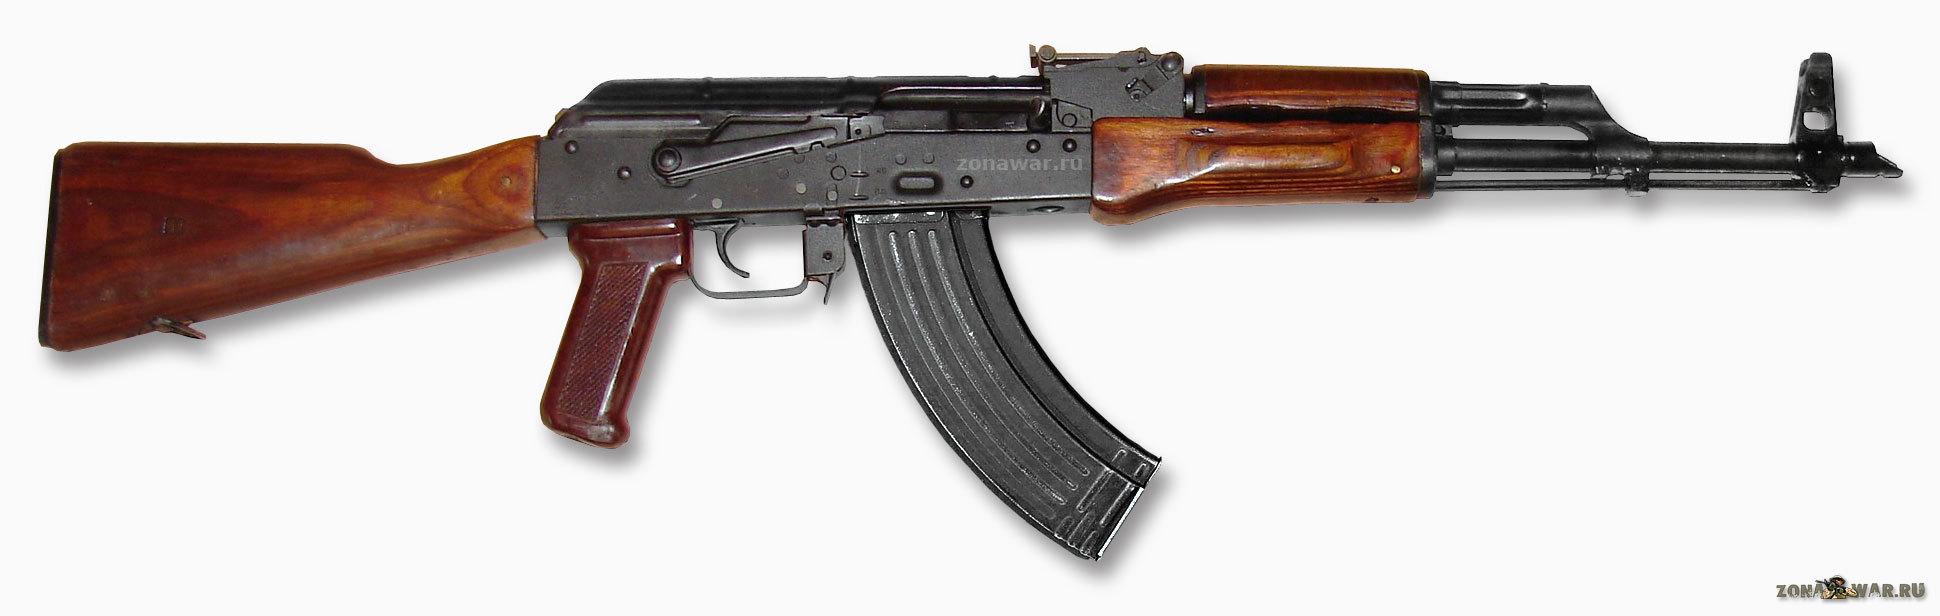 Боевики на востоке Украины оснащены российским оружием и носят ту же форму, что и вторгшиеся в Крым военные, - посол США - Цензор.НЕТ 273